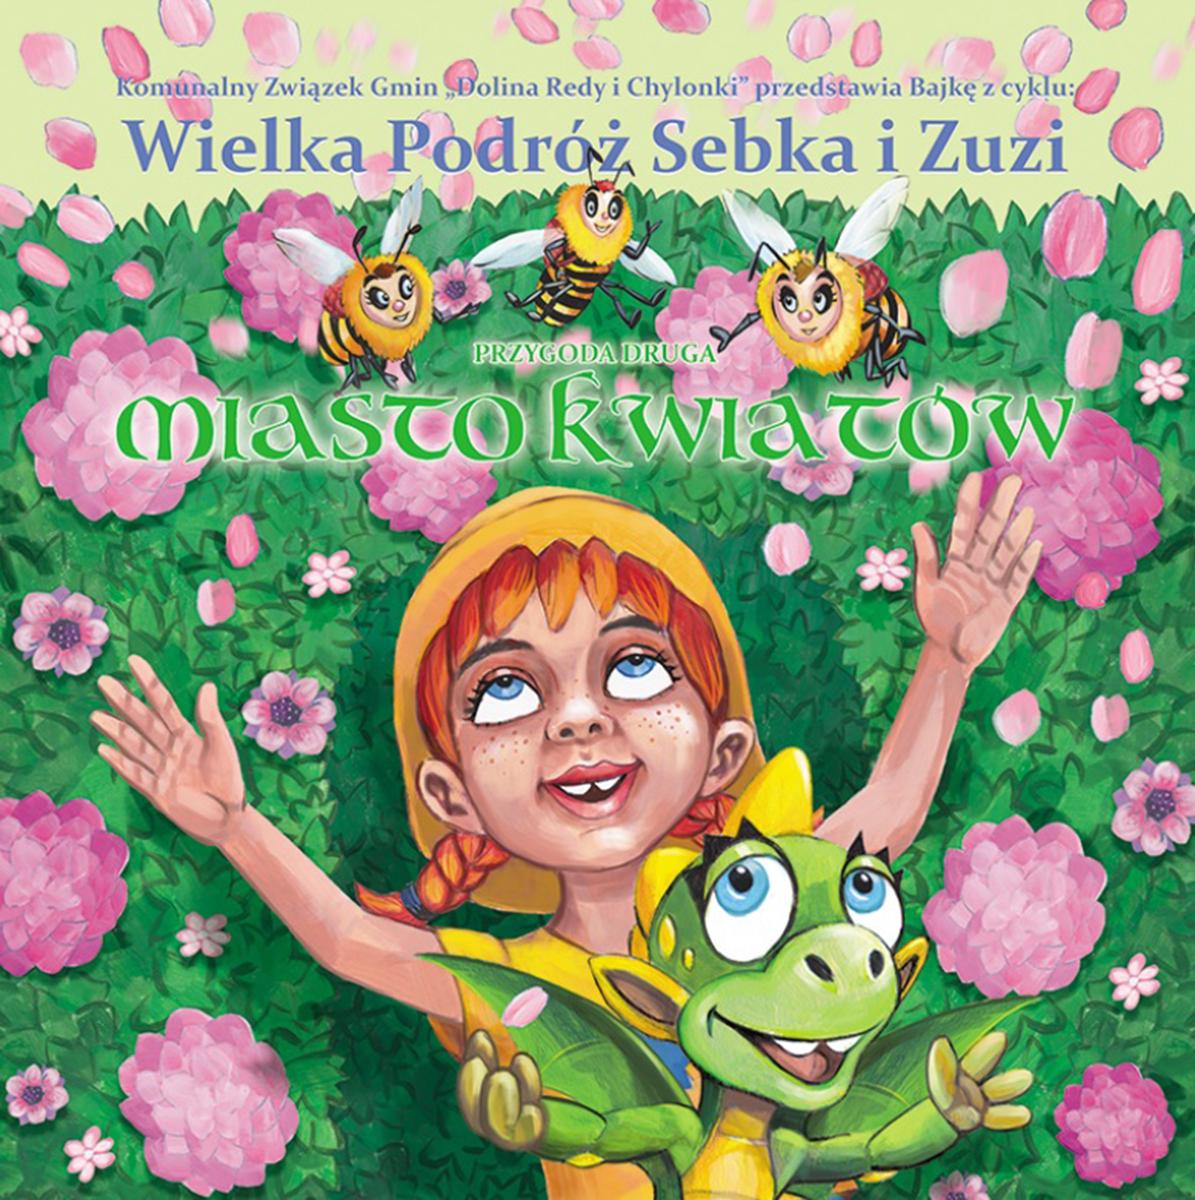 Na zdjęciu okładka jednej z bajek ekologicznych: dziewczynka, pszczoły i mały smok na tle kwiatów//mat. pras. KZG